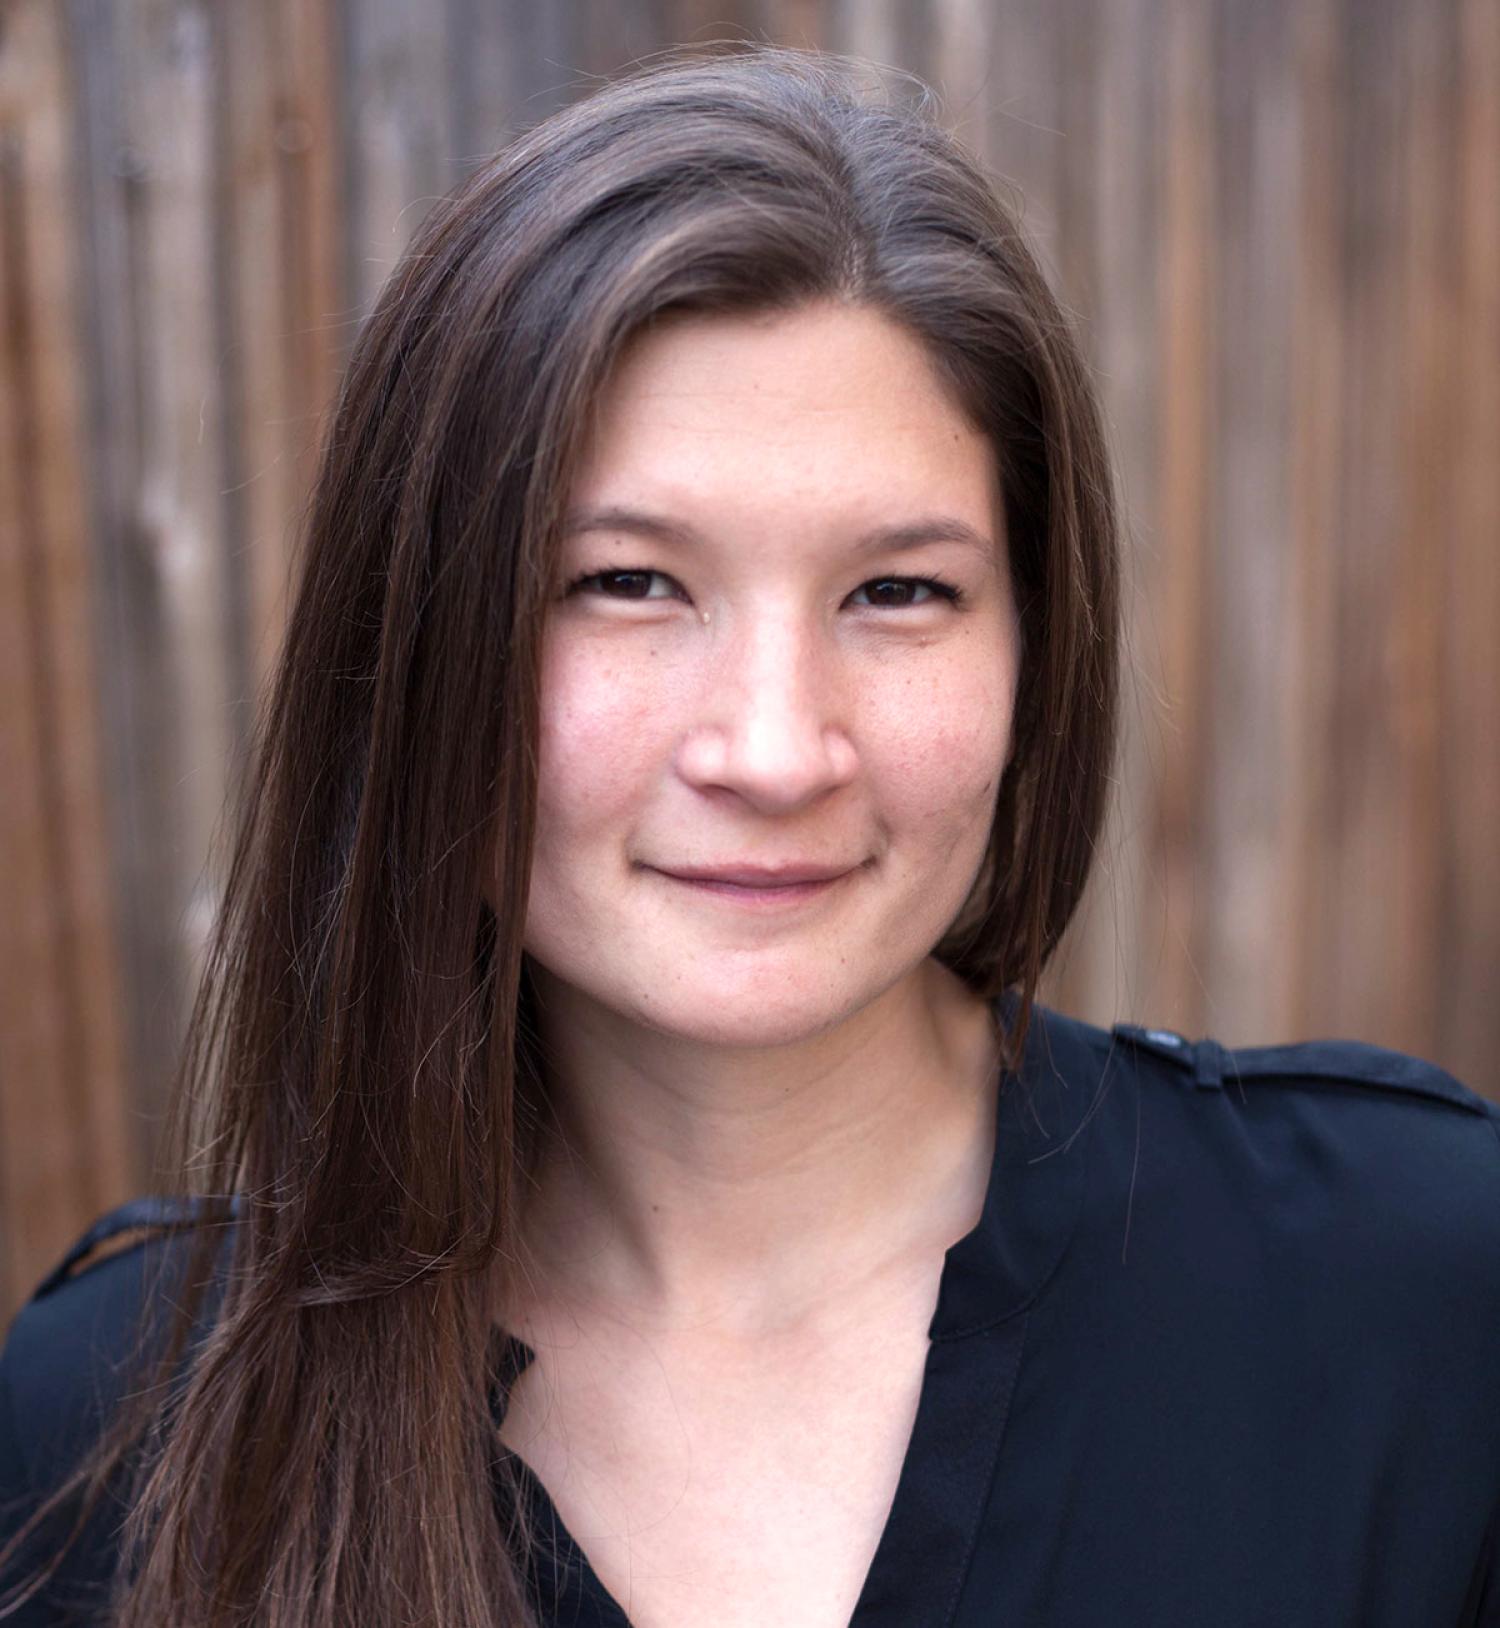 Christina Barstow